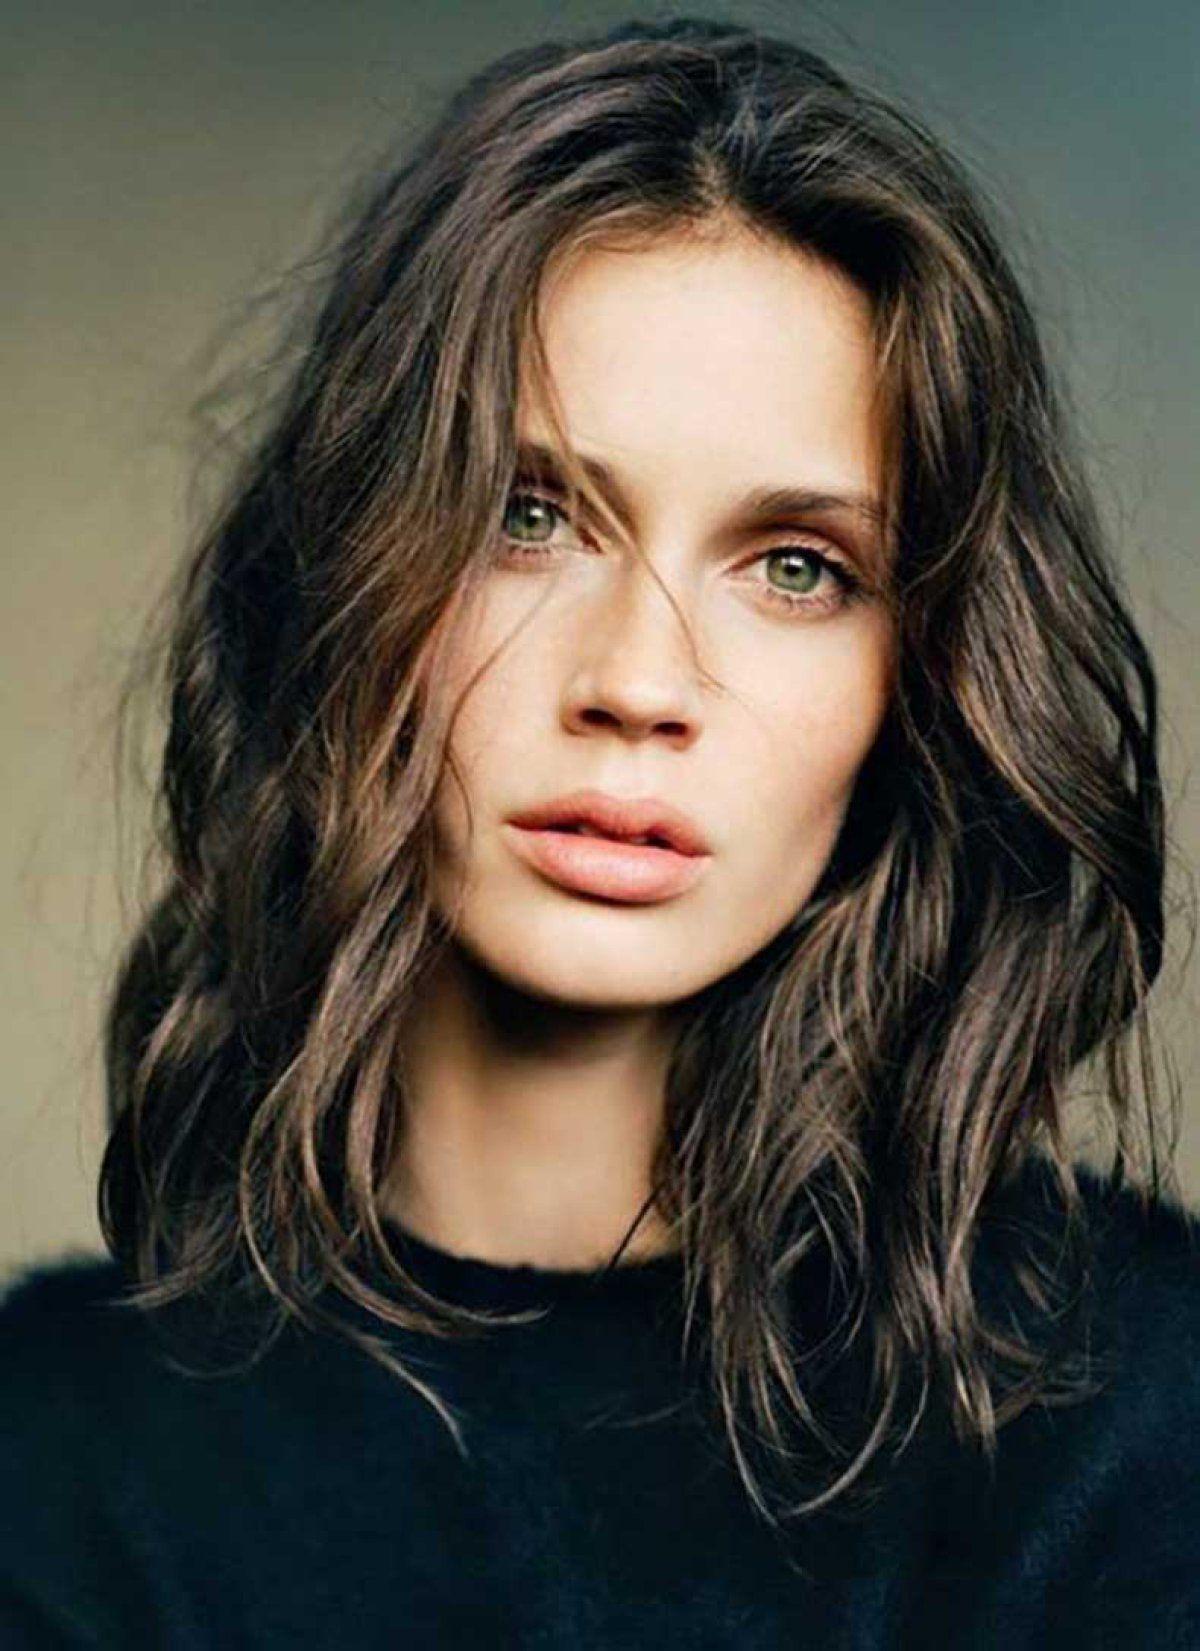 Épinglé sur Beauté : coupes, coiffures...